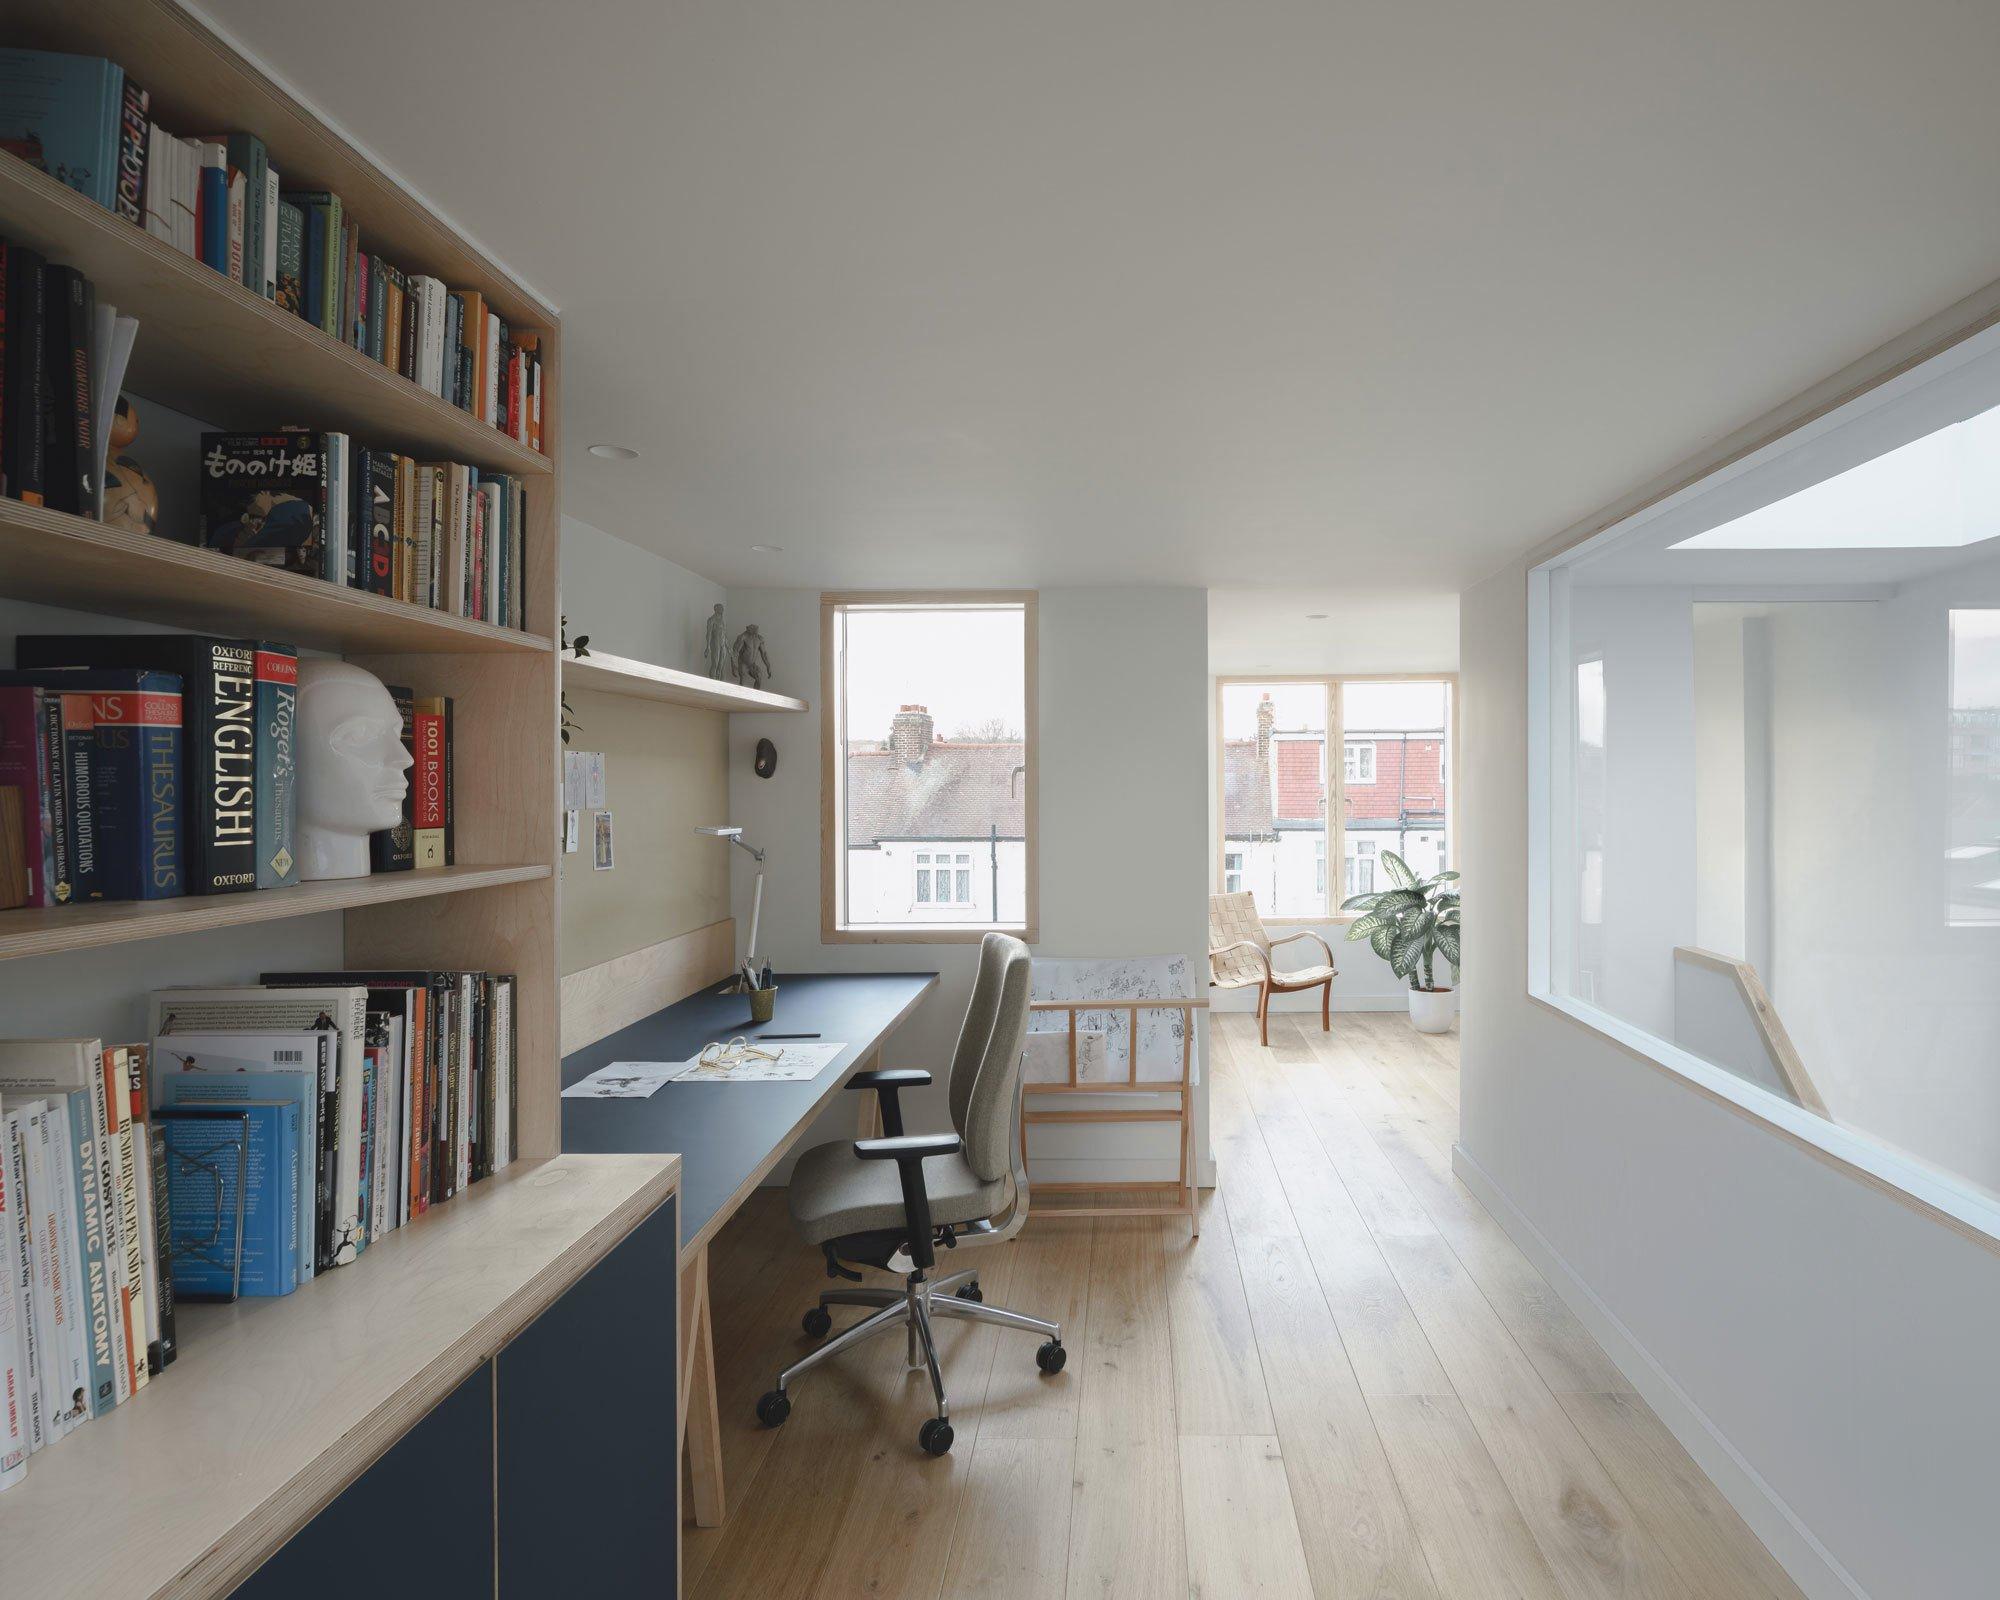 Um ein großes Fenster wurde das Arbeitszimmer im zweiten Stock erweitert. Es bringt Loft-Atmosphäre in die Räume unterm Dach.